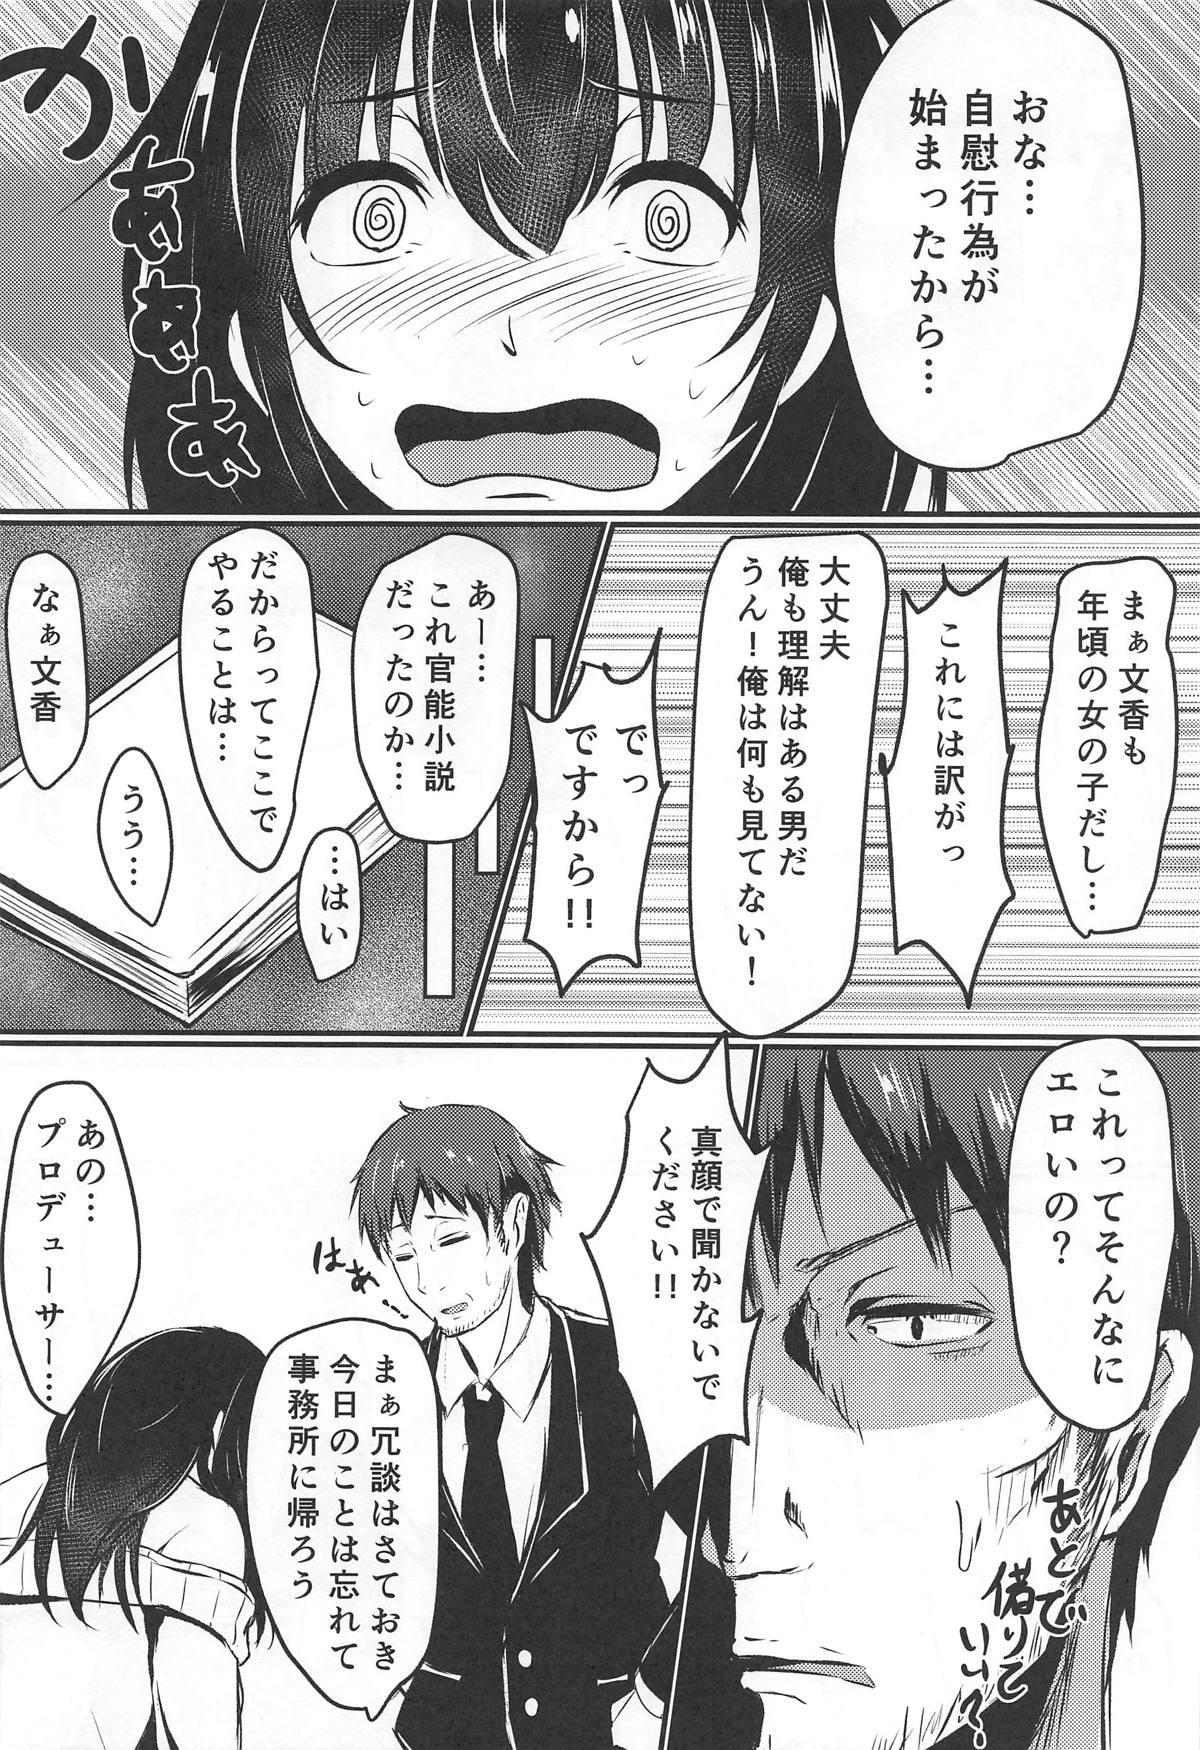 Sagisawa-san Nani Shiterun desu ka? 6